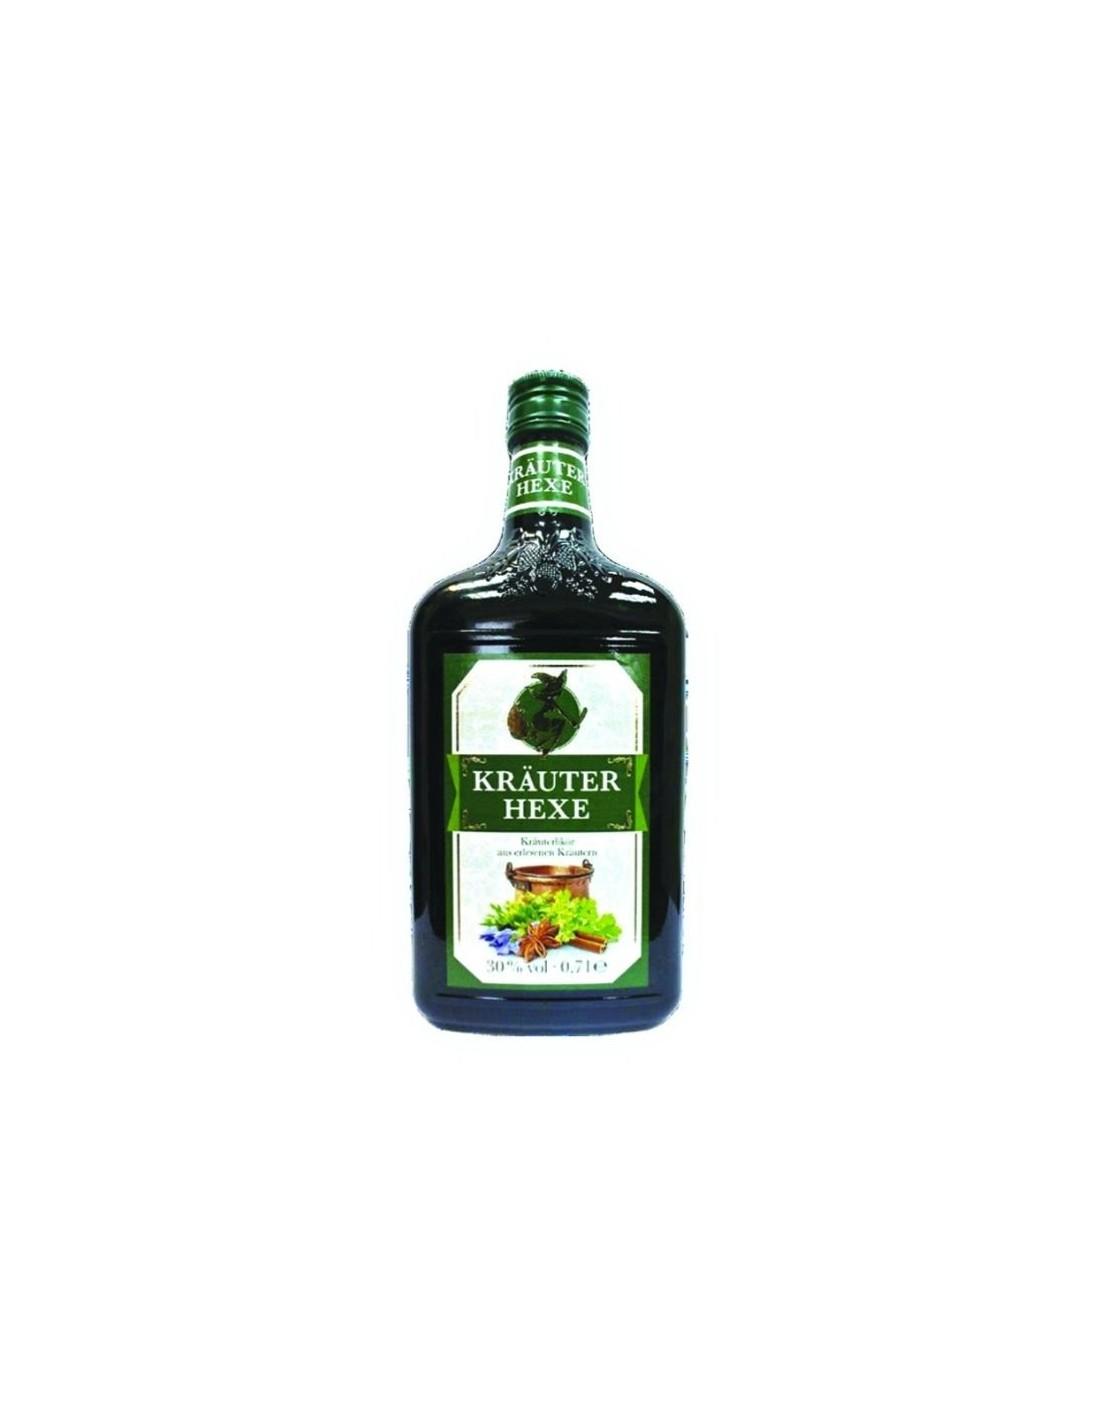 Lichior Krauter Hexe 0.7l Alc. 30%